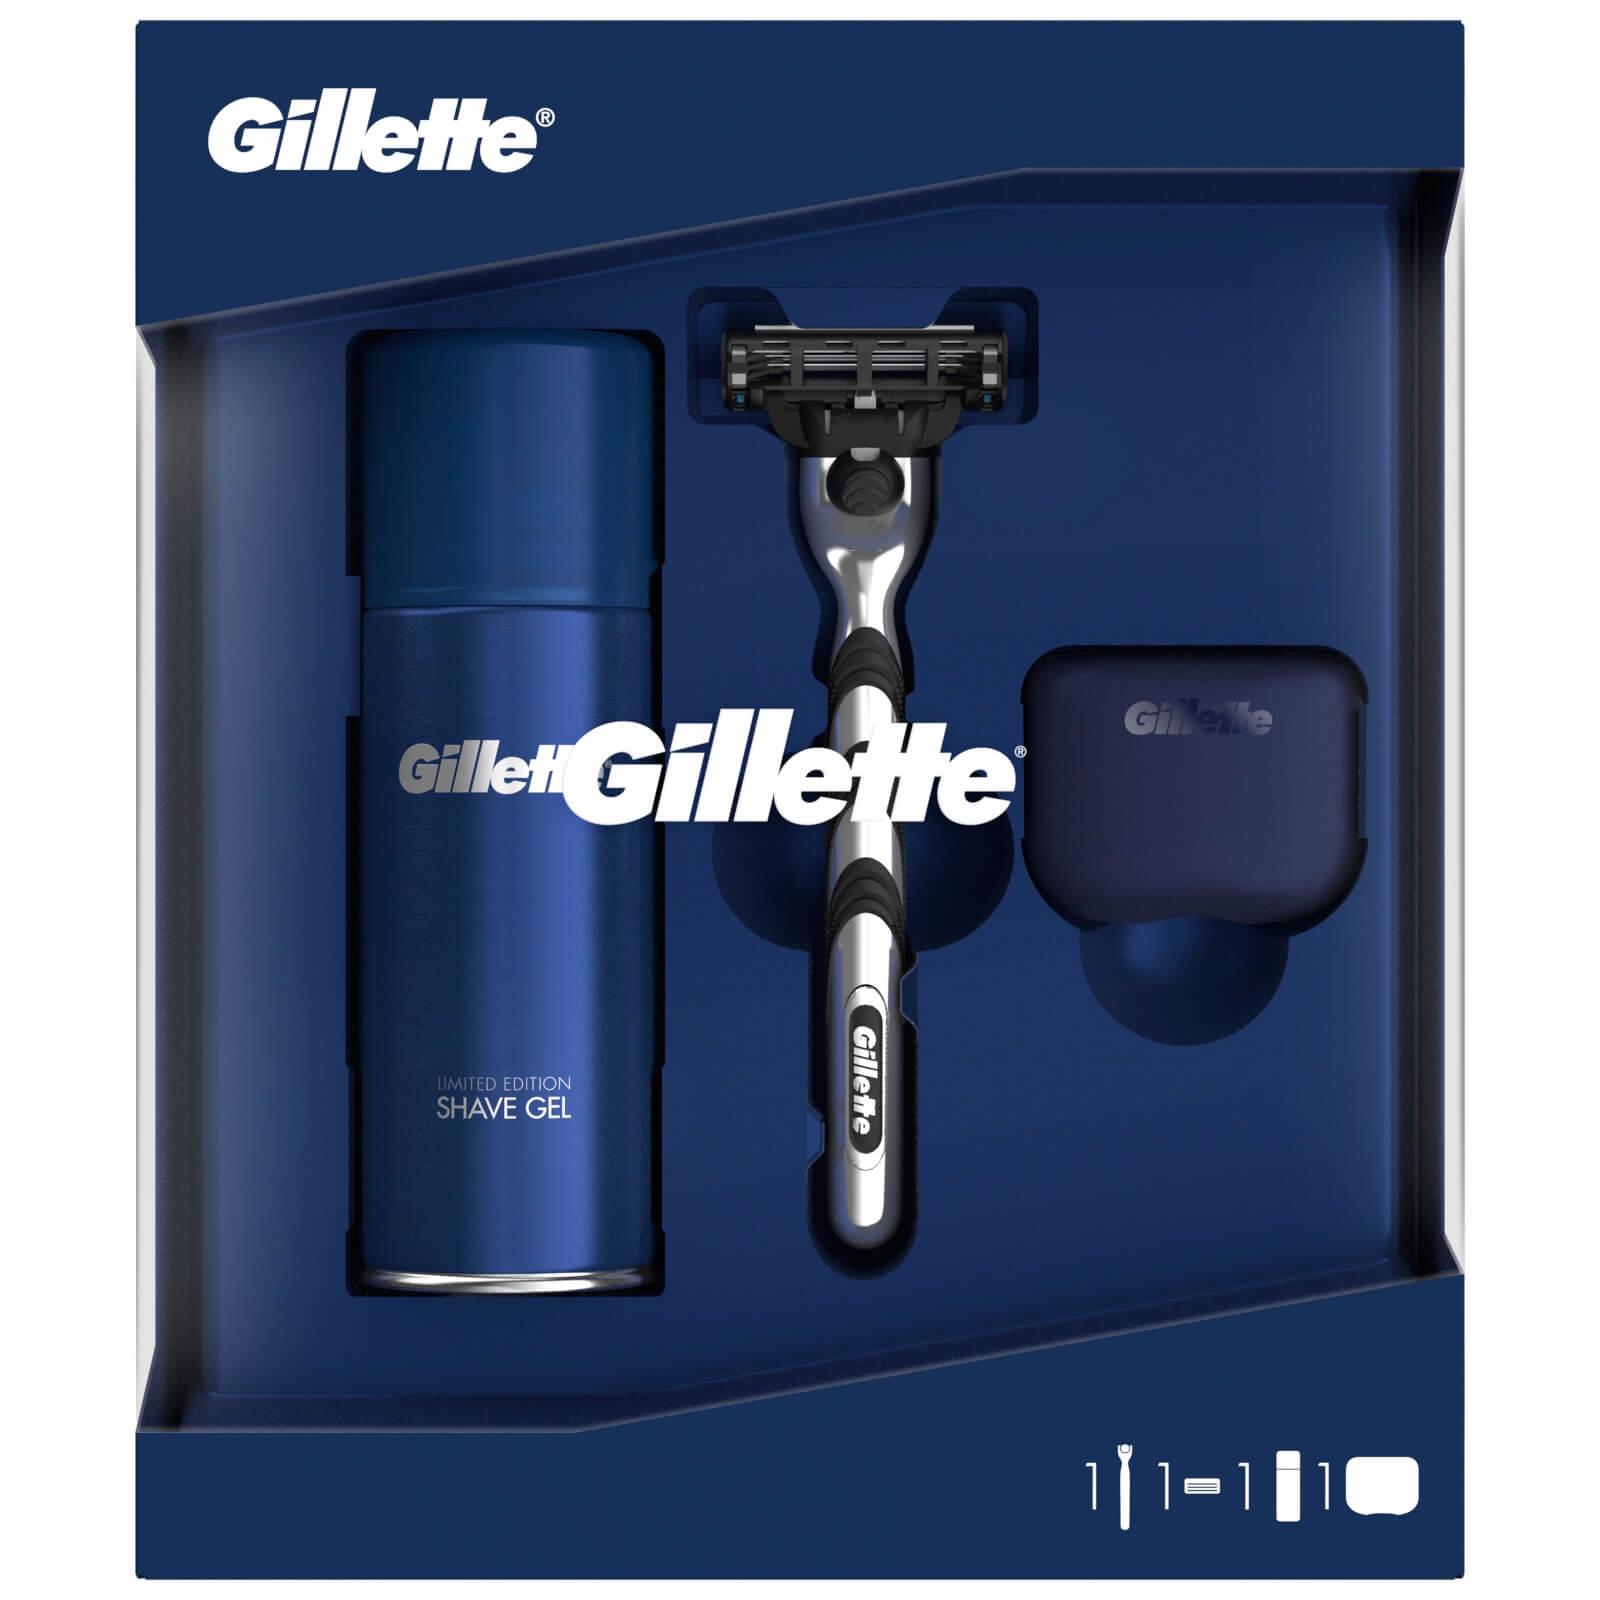 Gillette Mach3 Razor Gift Set £2.99 delivered with code @ Gillete Shop